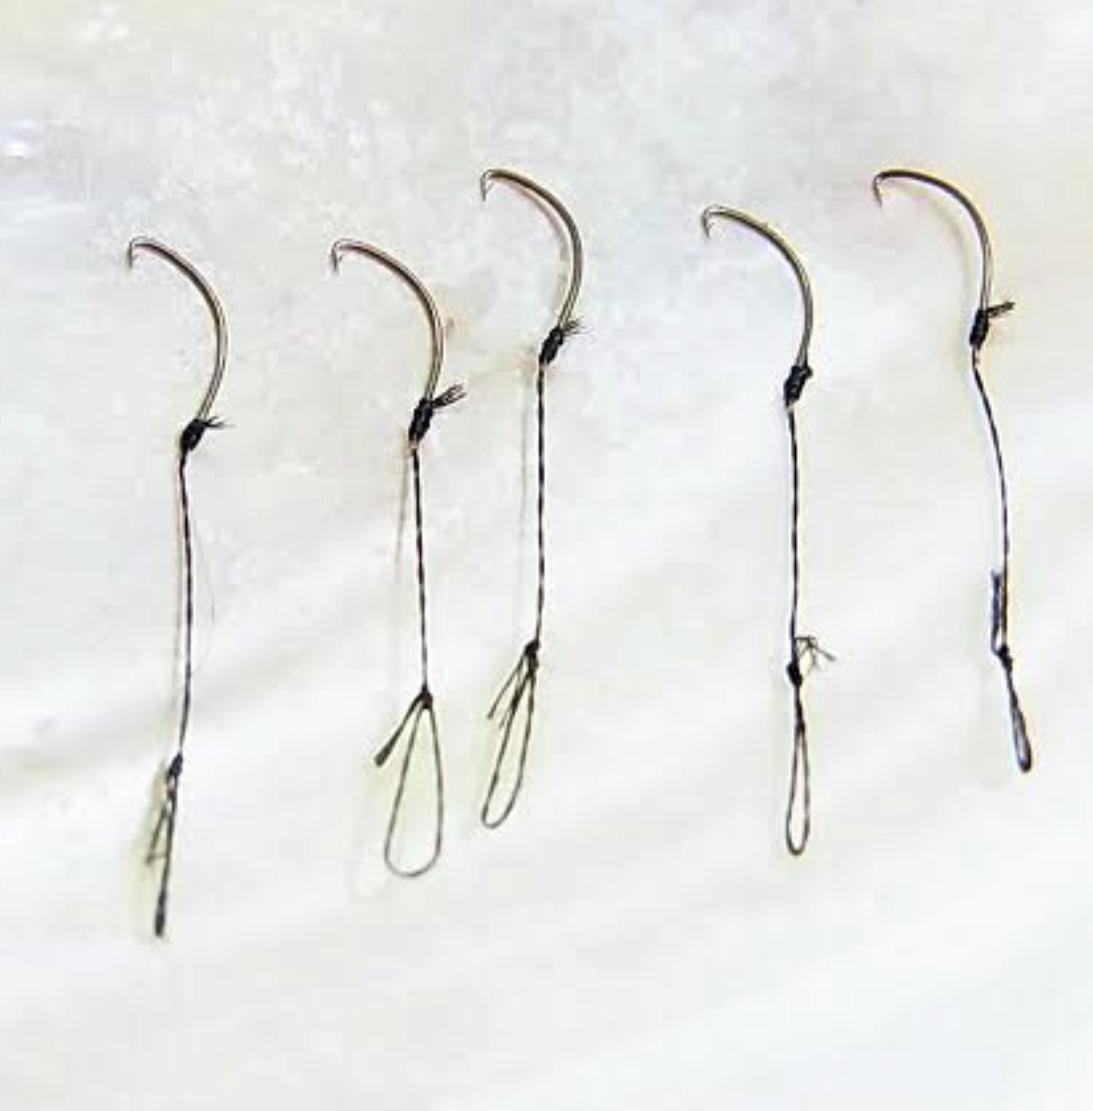 タナゴ針の簡単な結び方教えます 多摩川の帝王秘伝のタナゴ針を正確に内掛け結びする方法を伝授